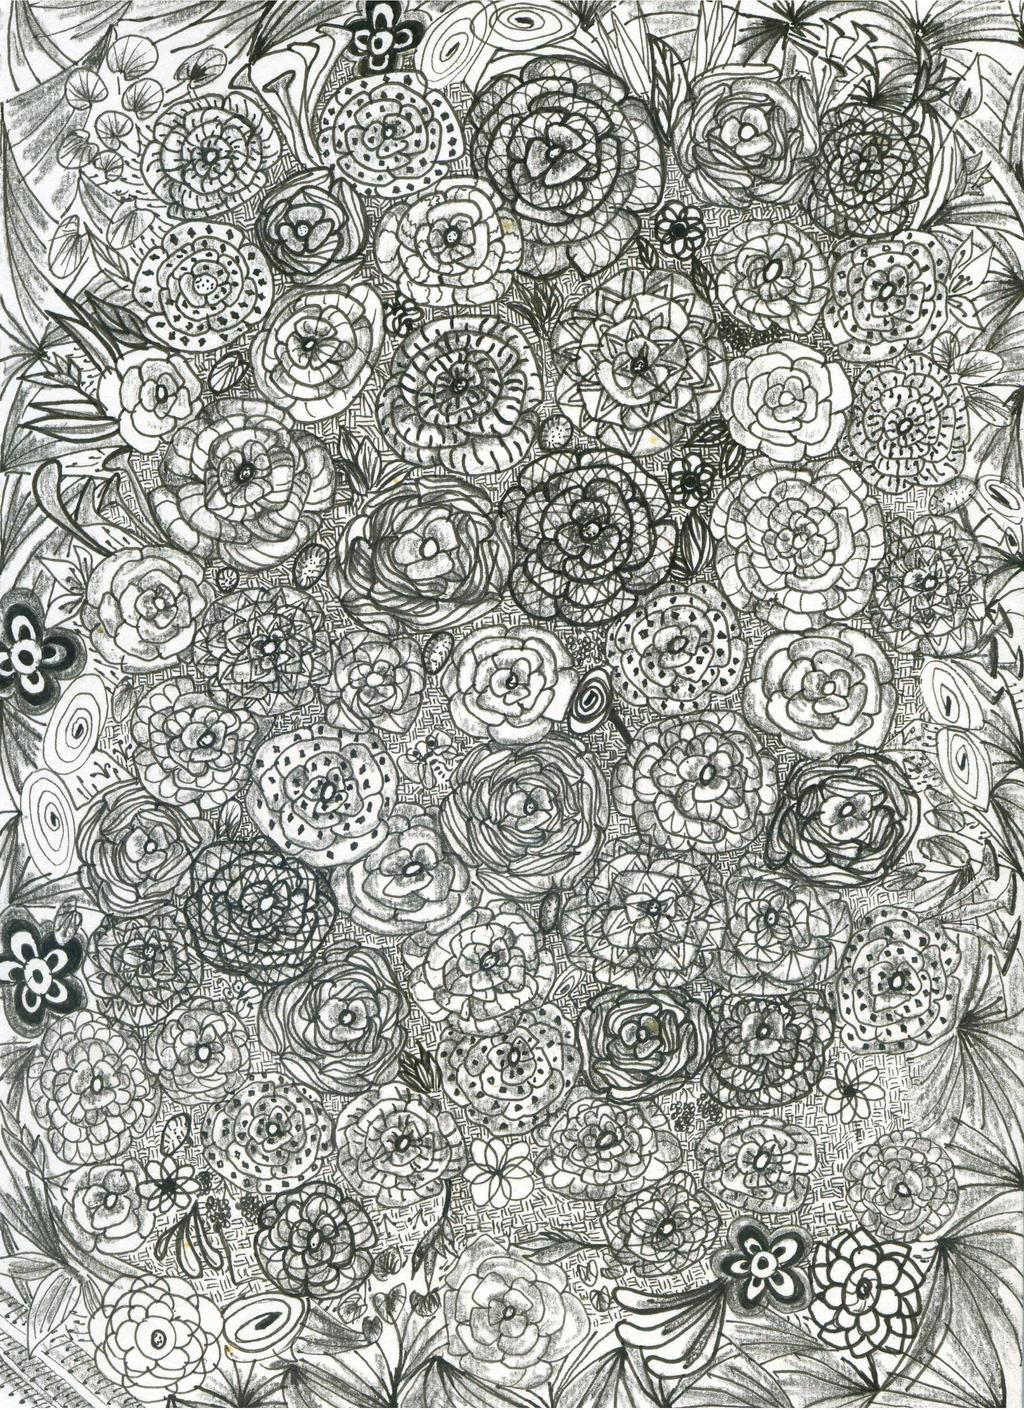 zentangle flowers by flybye669 on DeviantArt